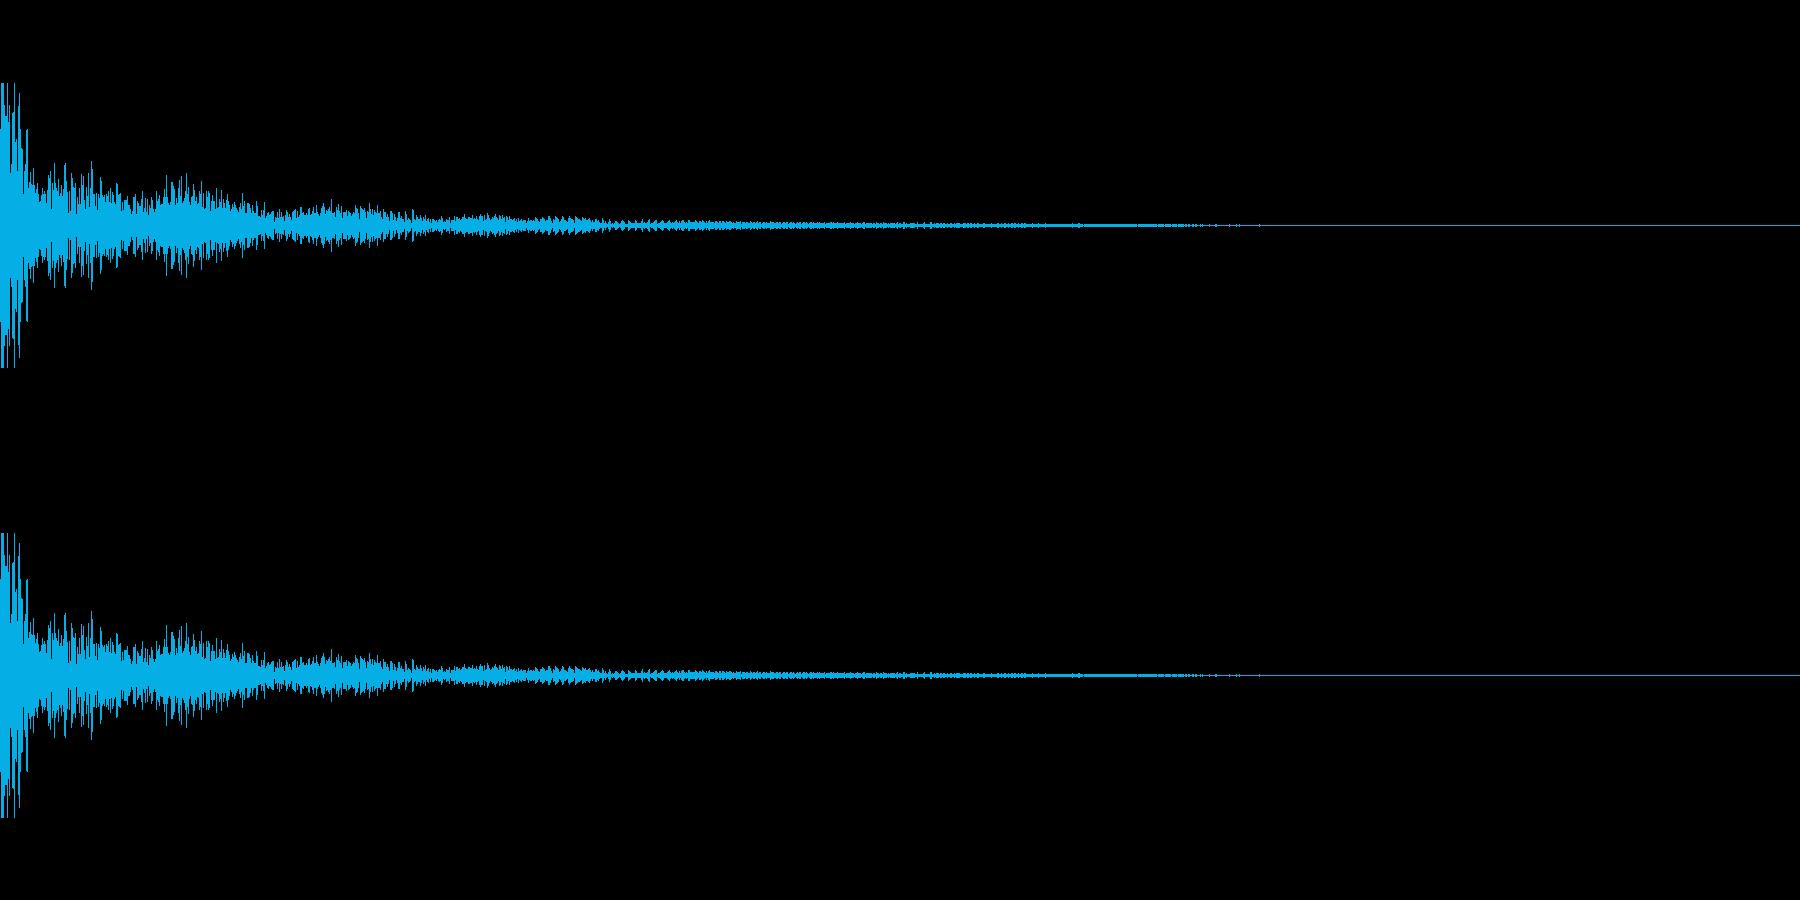 ドーン!↑↓ティンパニーピッチ操作の再生済みの波形